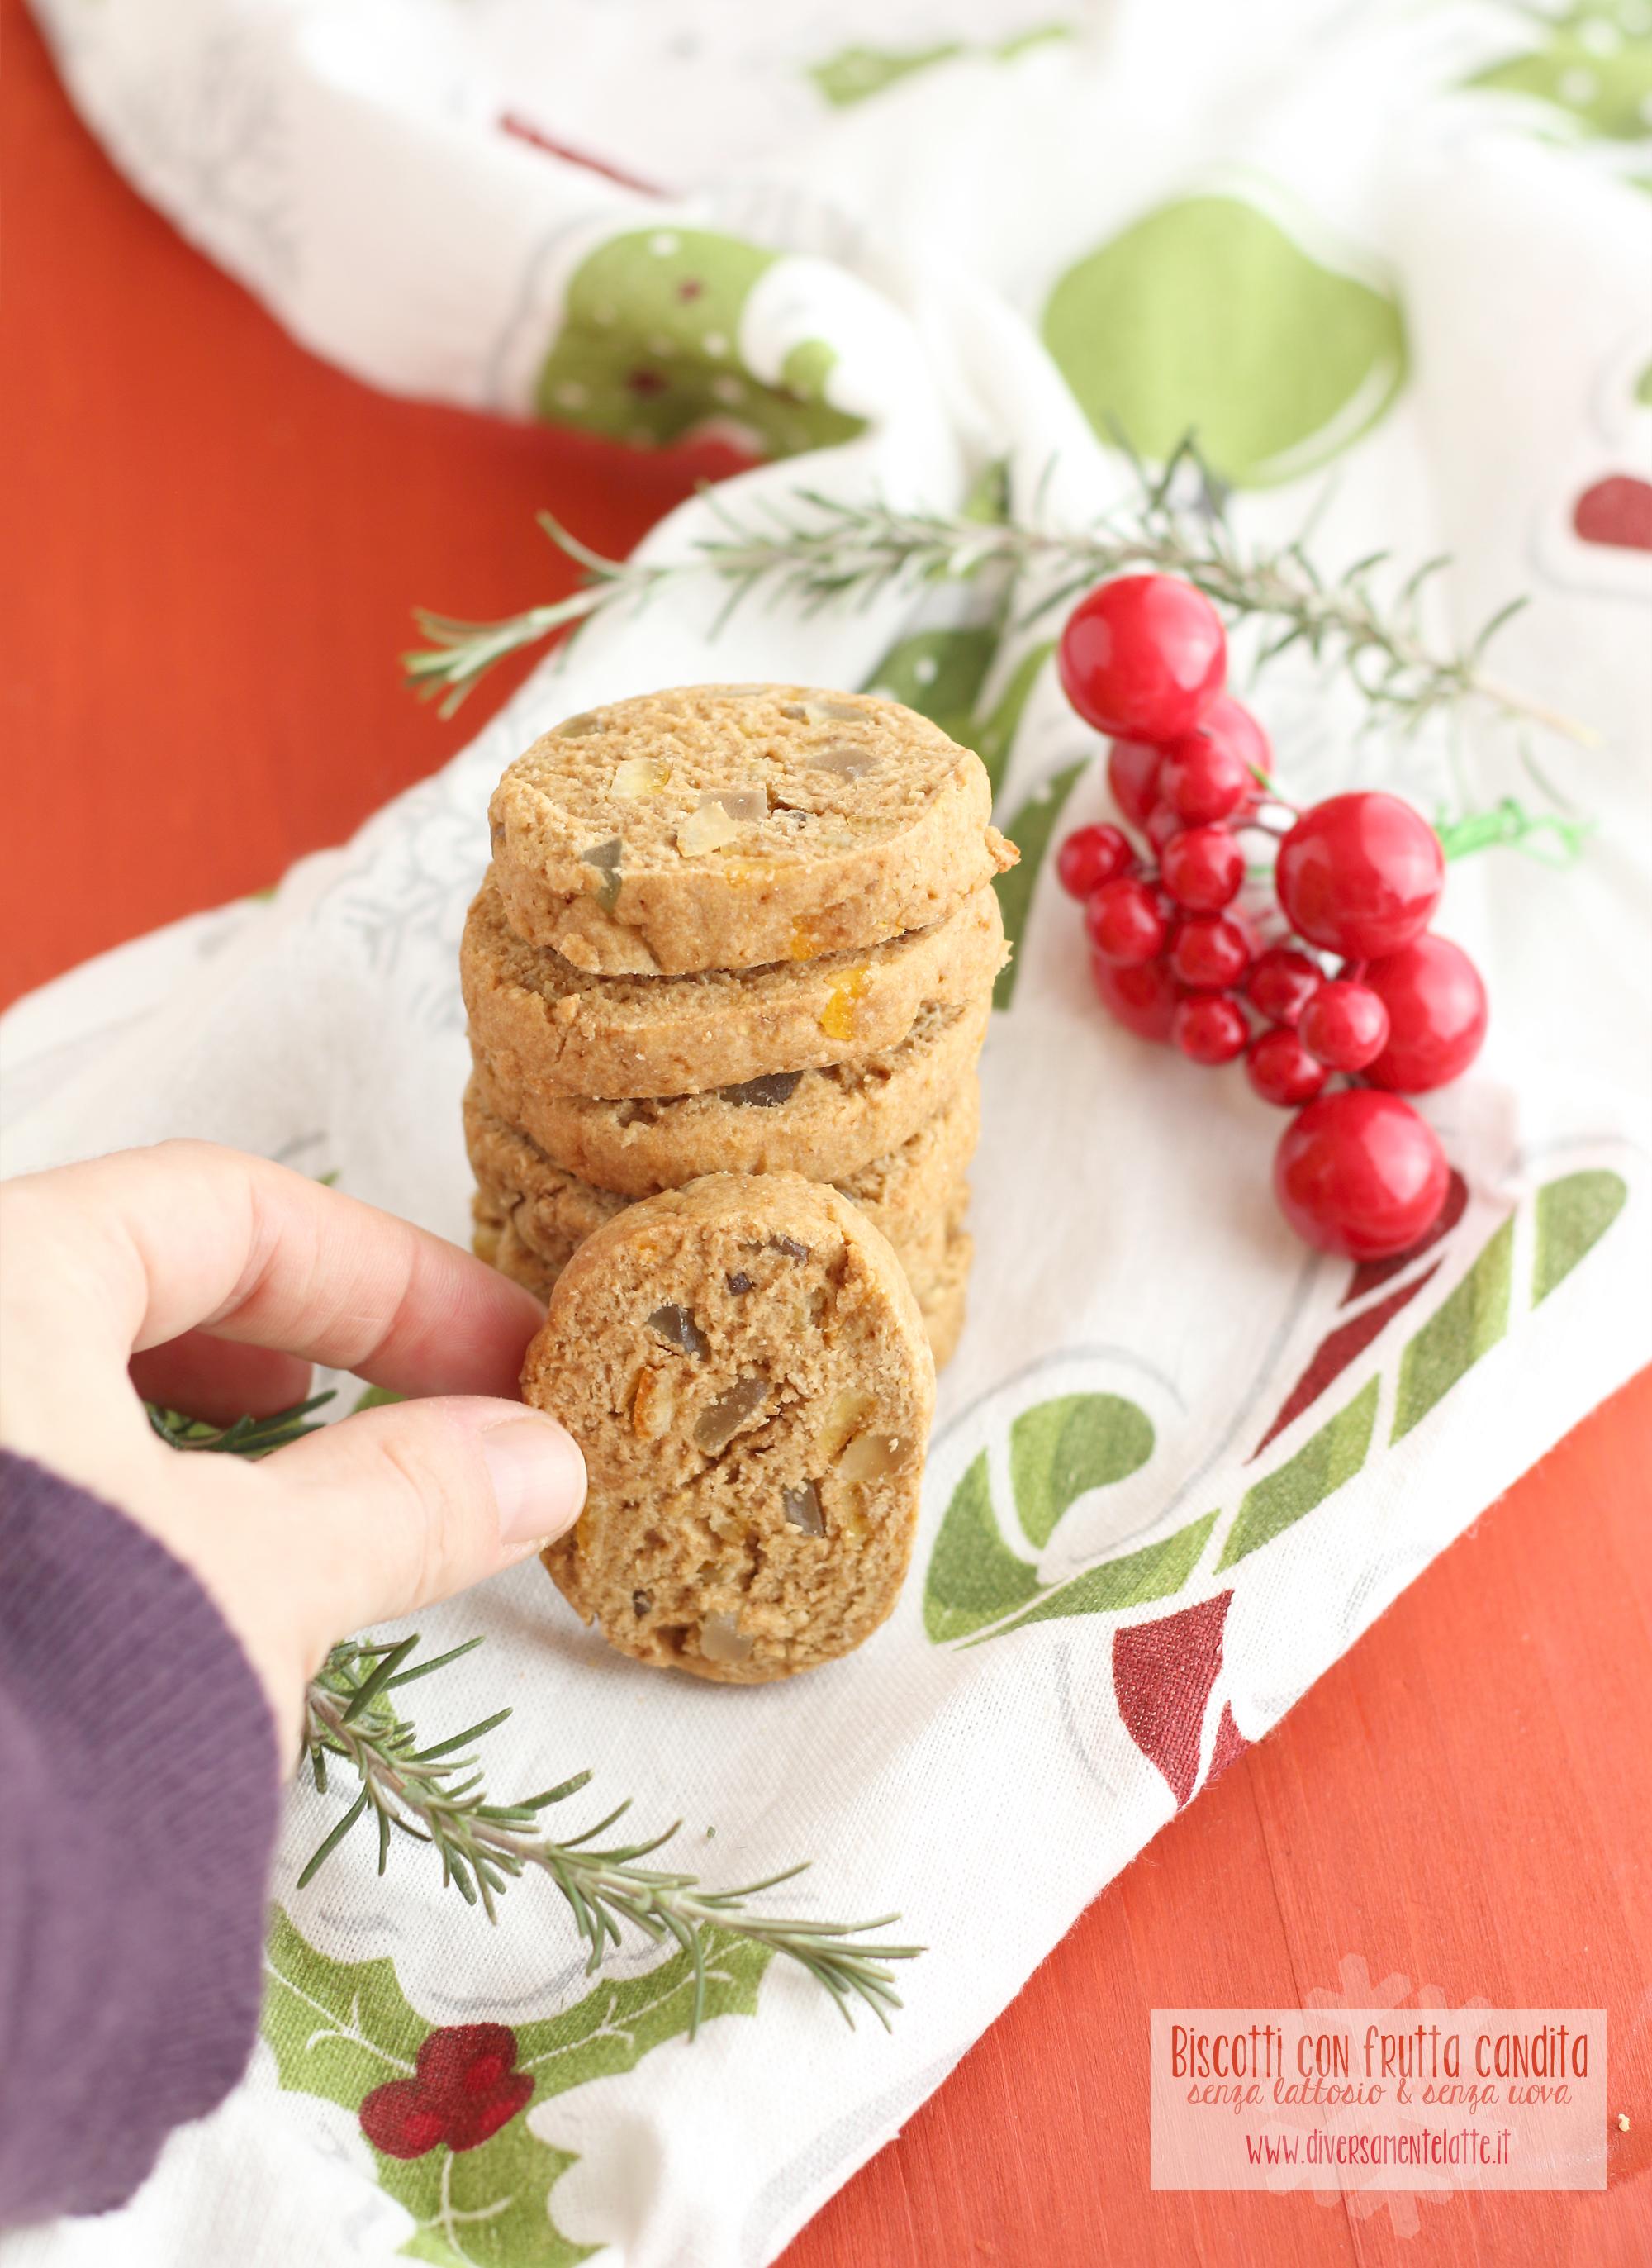 biscotti con canditi